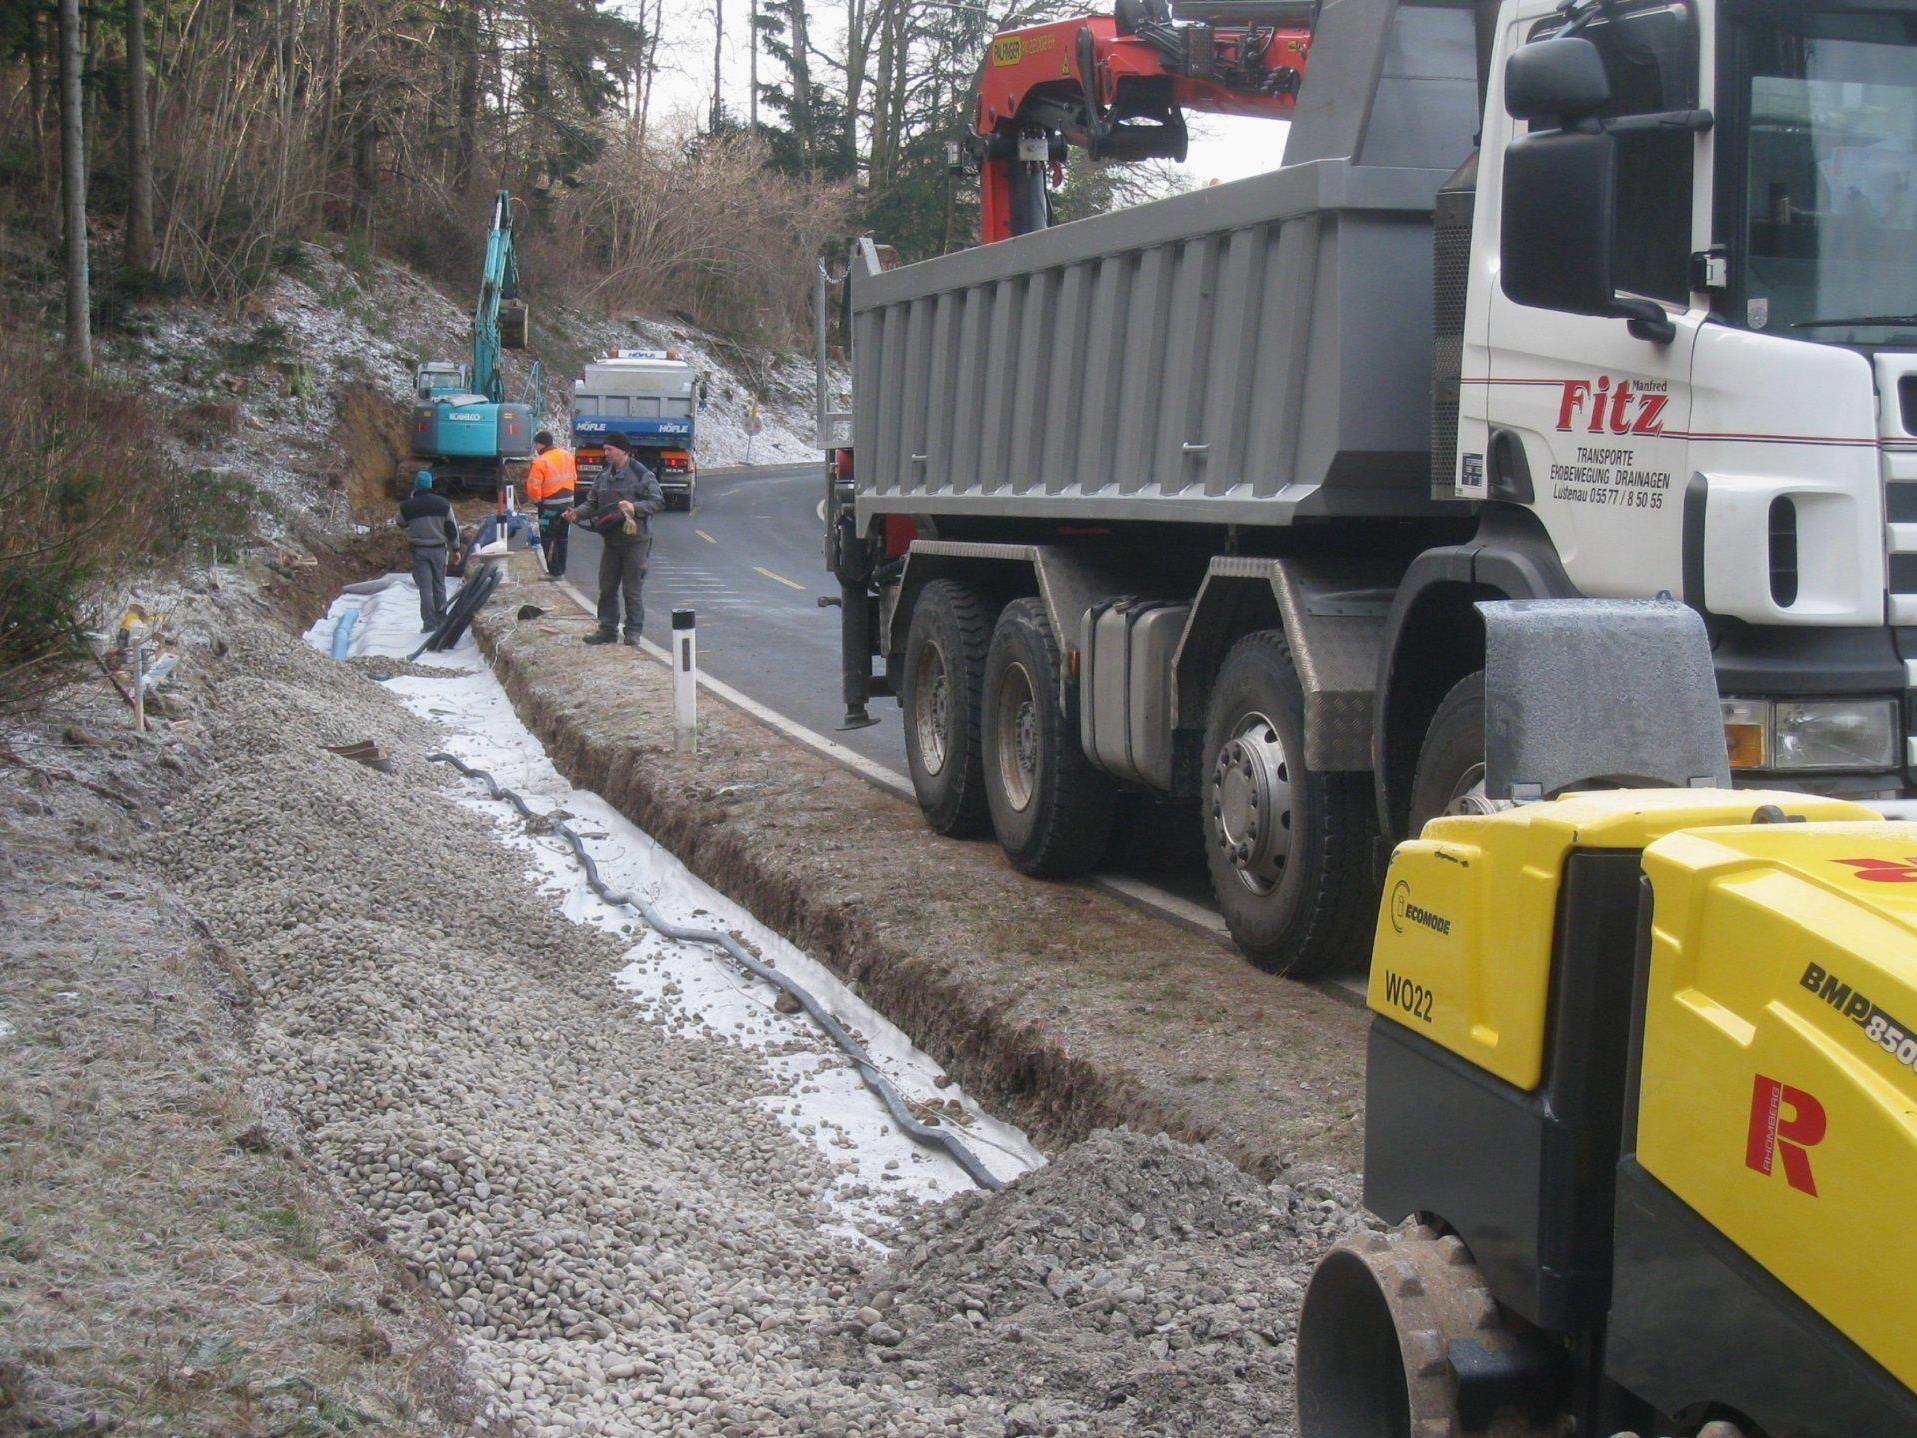 Entlang der Eichenberger Straße soll ein neuer Gehsteig für mehr Sicherheit sorgen.